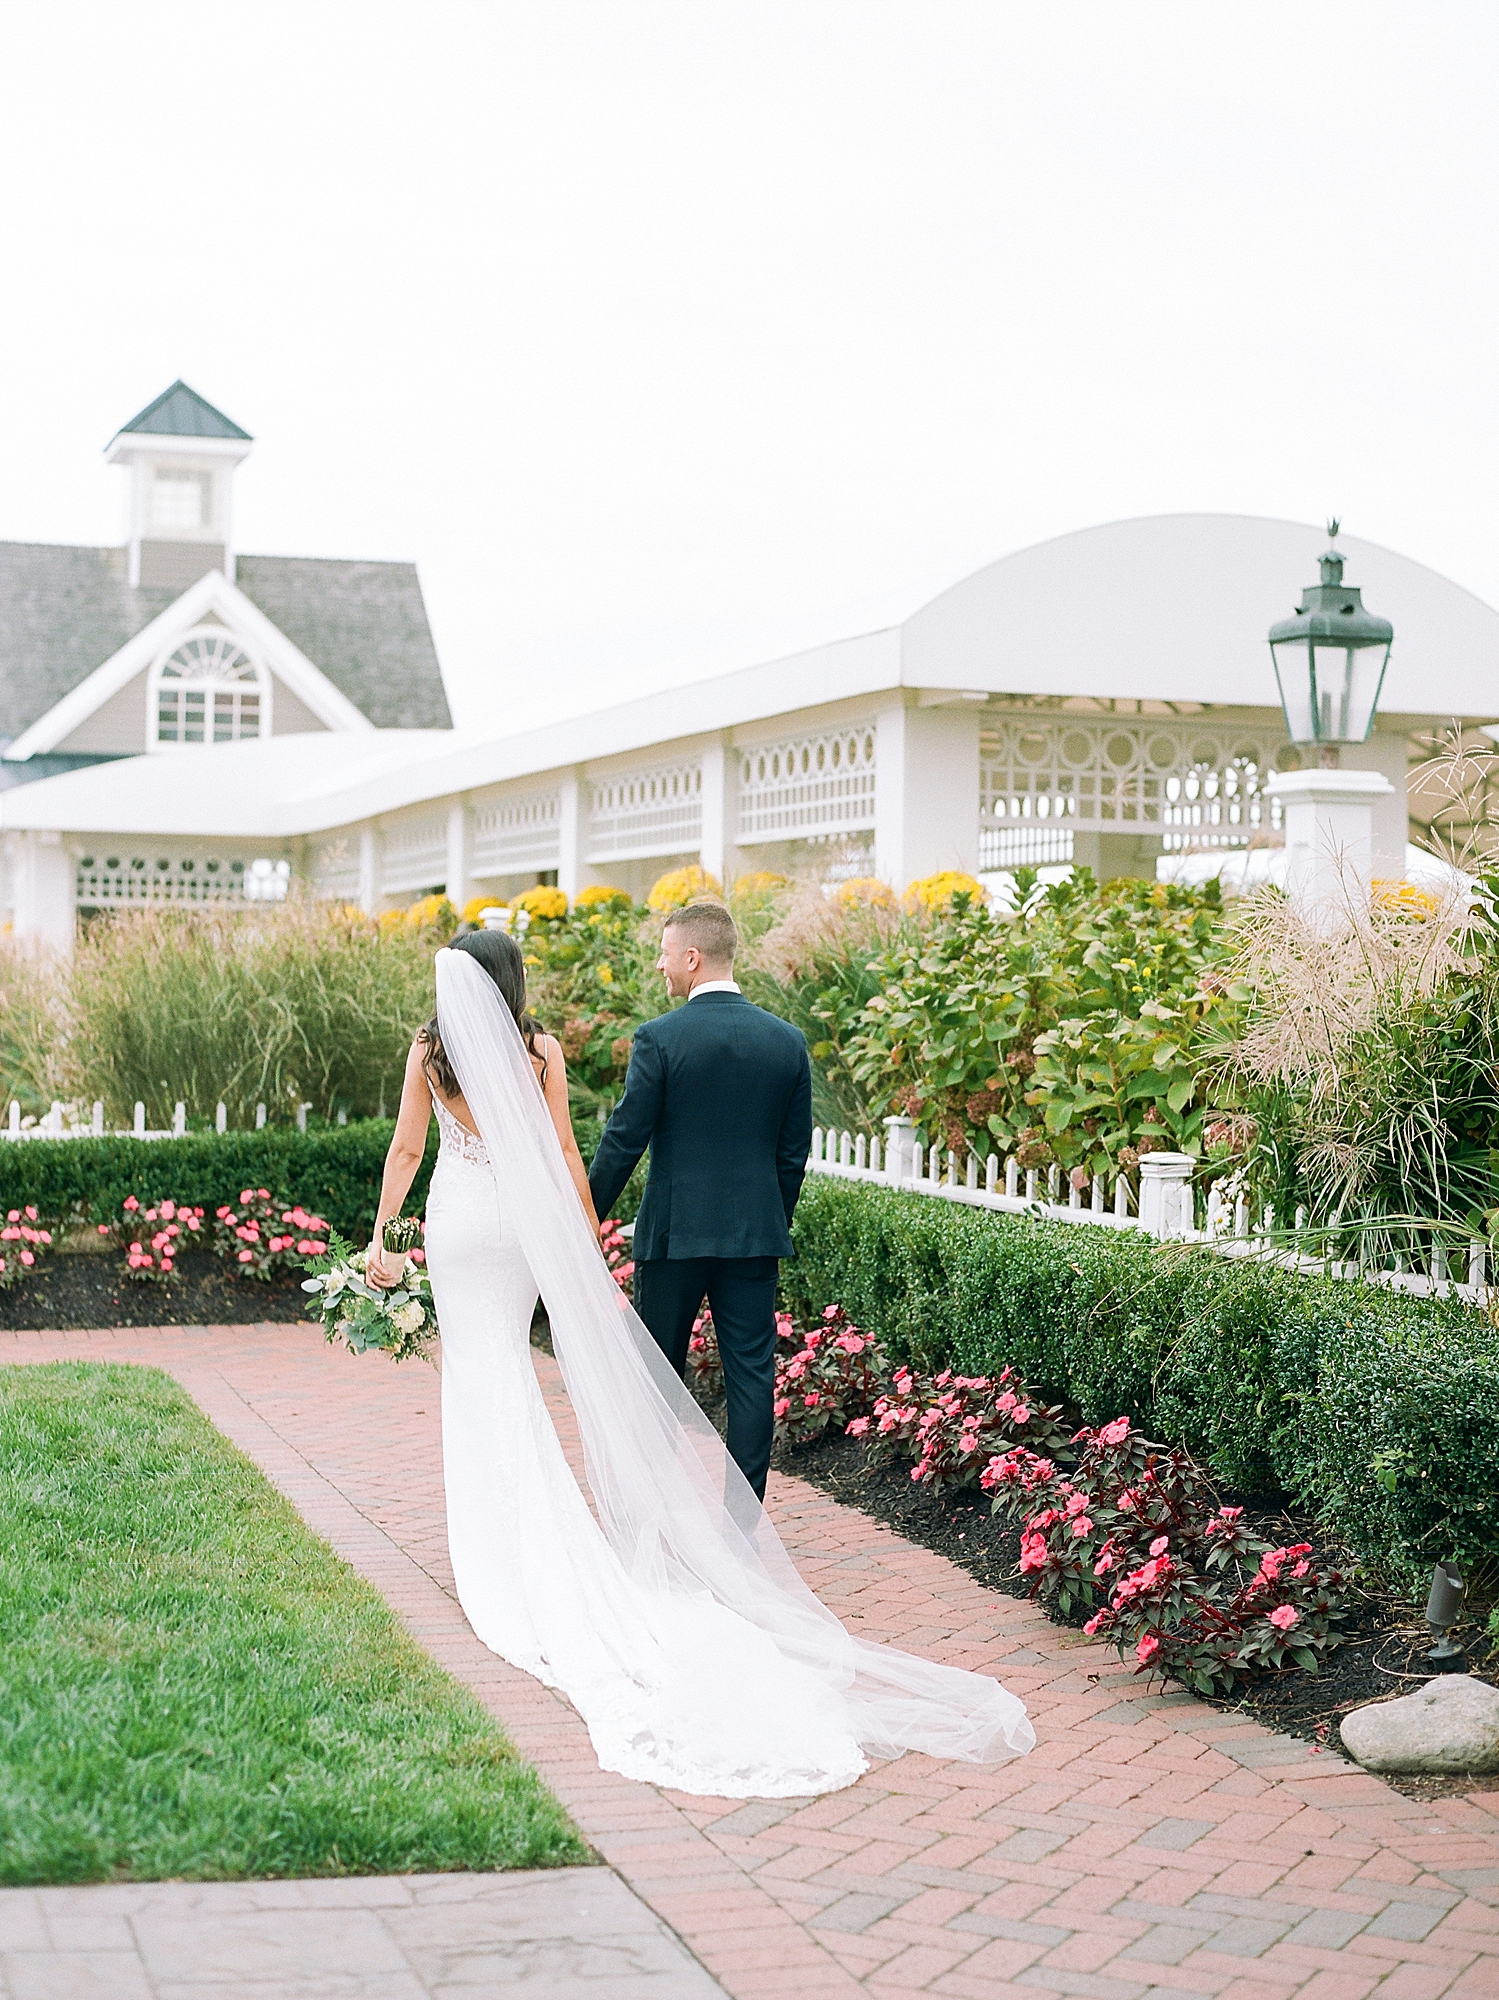 Mallard Island Yacht Club Film Wedding Photography by Magdalena Studios 0020